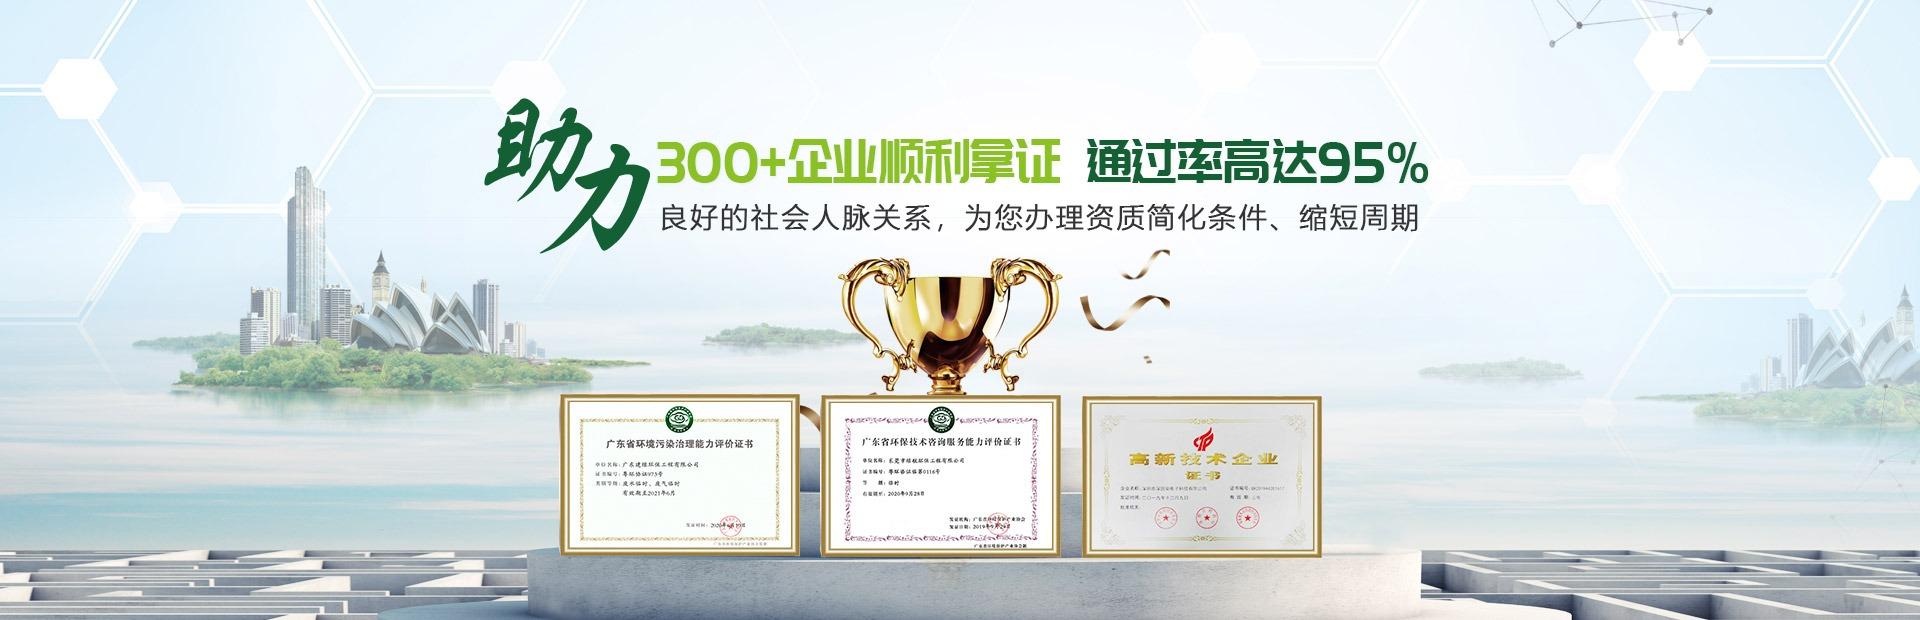 广州泰融生态环保科技有限公司,助力300+企业顺利拿证,通过率高达95%